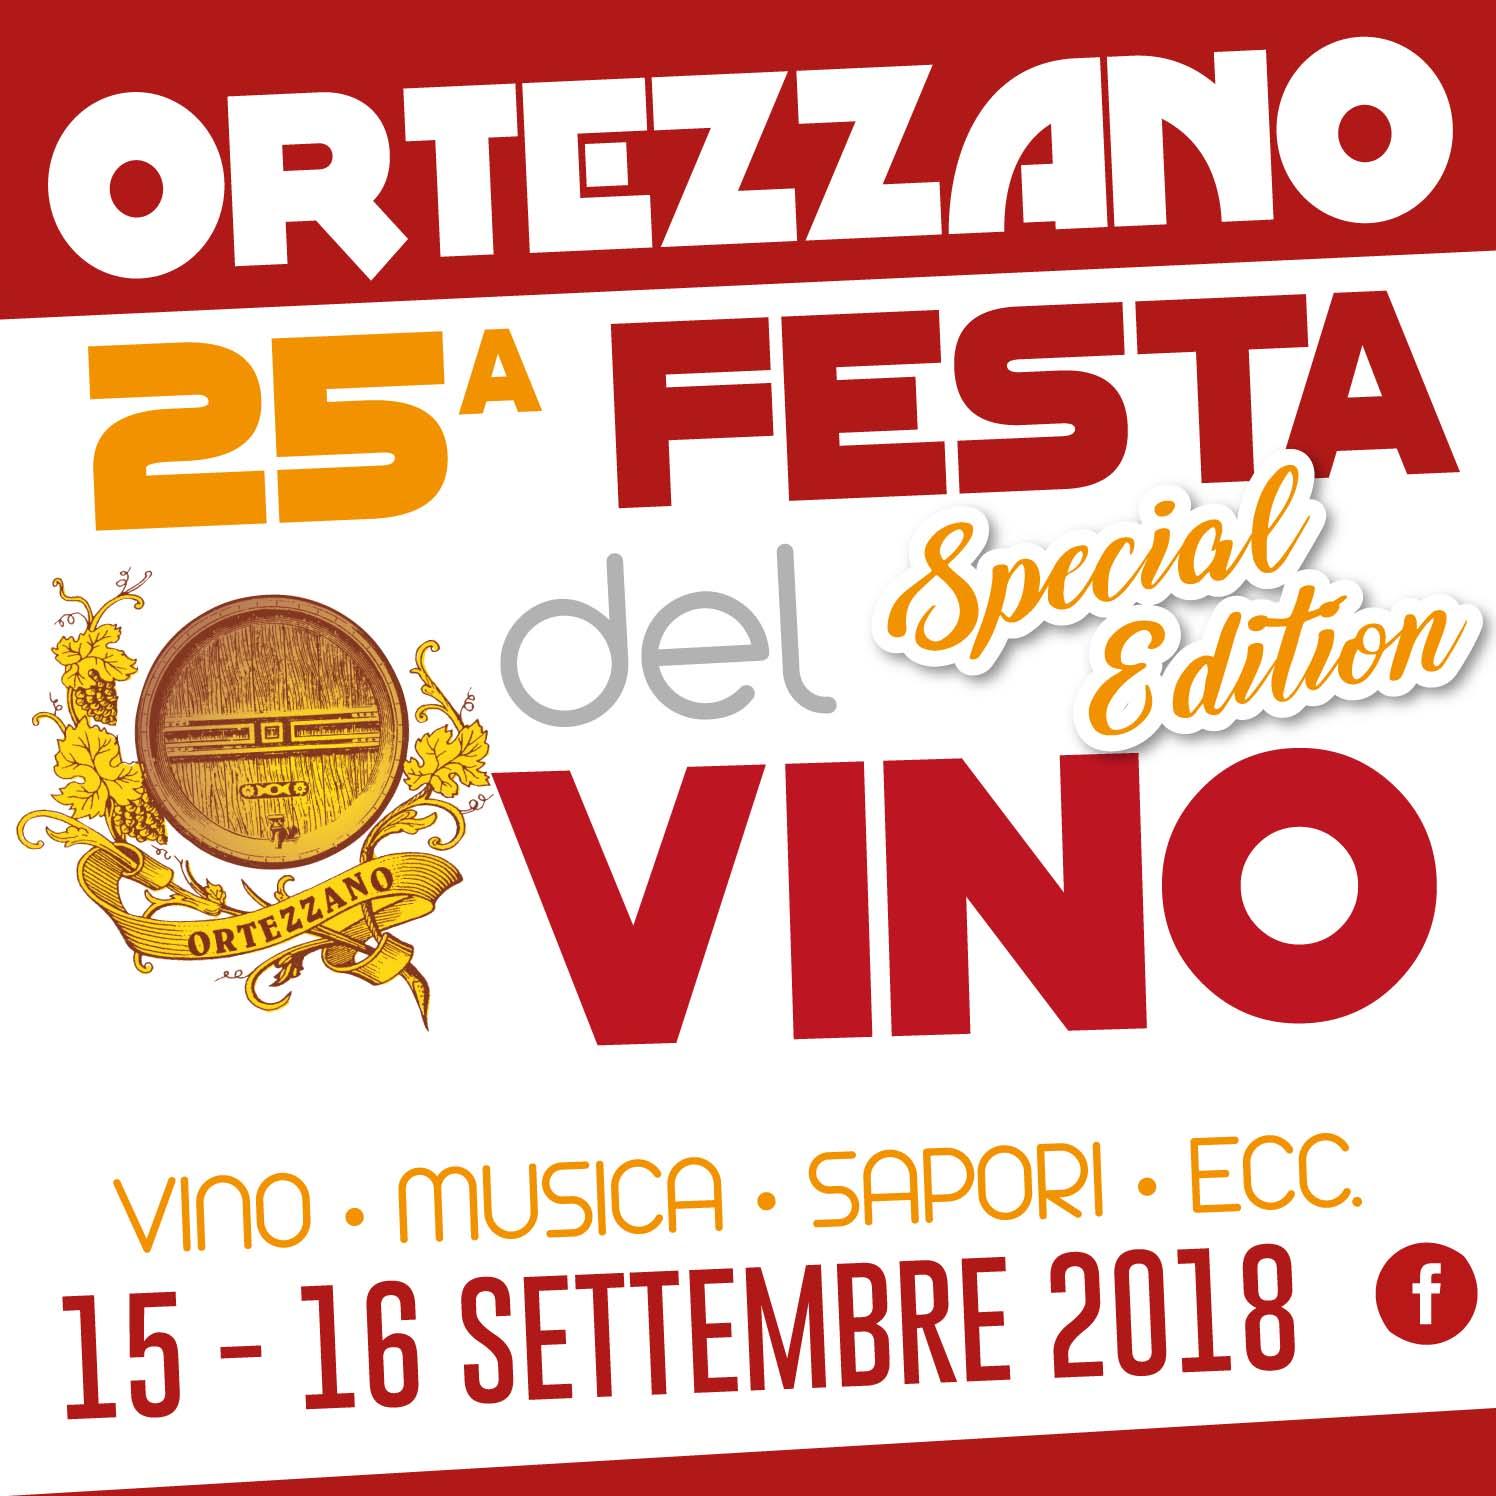 Ortezzano - Festa del vino 2018